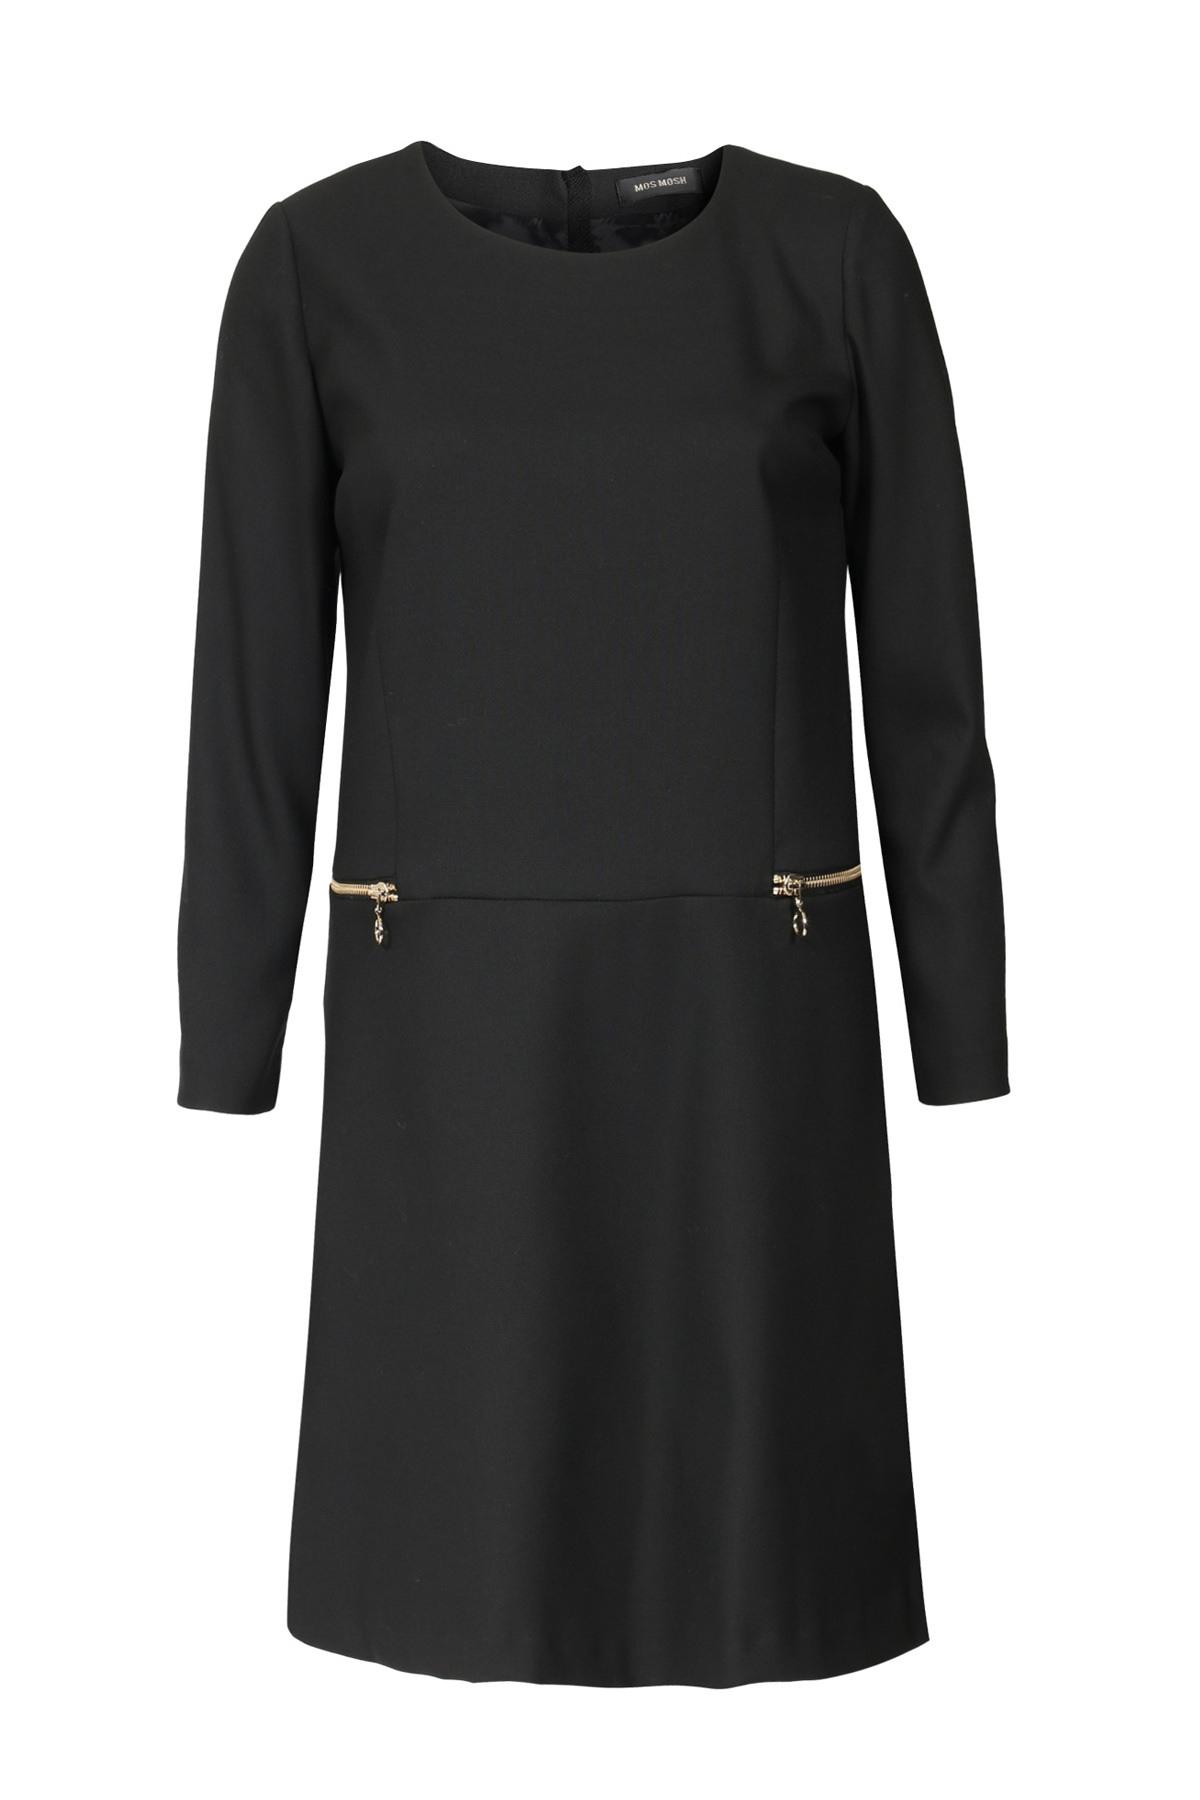 Abend Schön Schwarzes Langarm Kleid Ärmel15 Perfekt Schwarzes Langarm Kleid Spezialgebiet